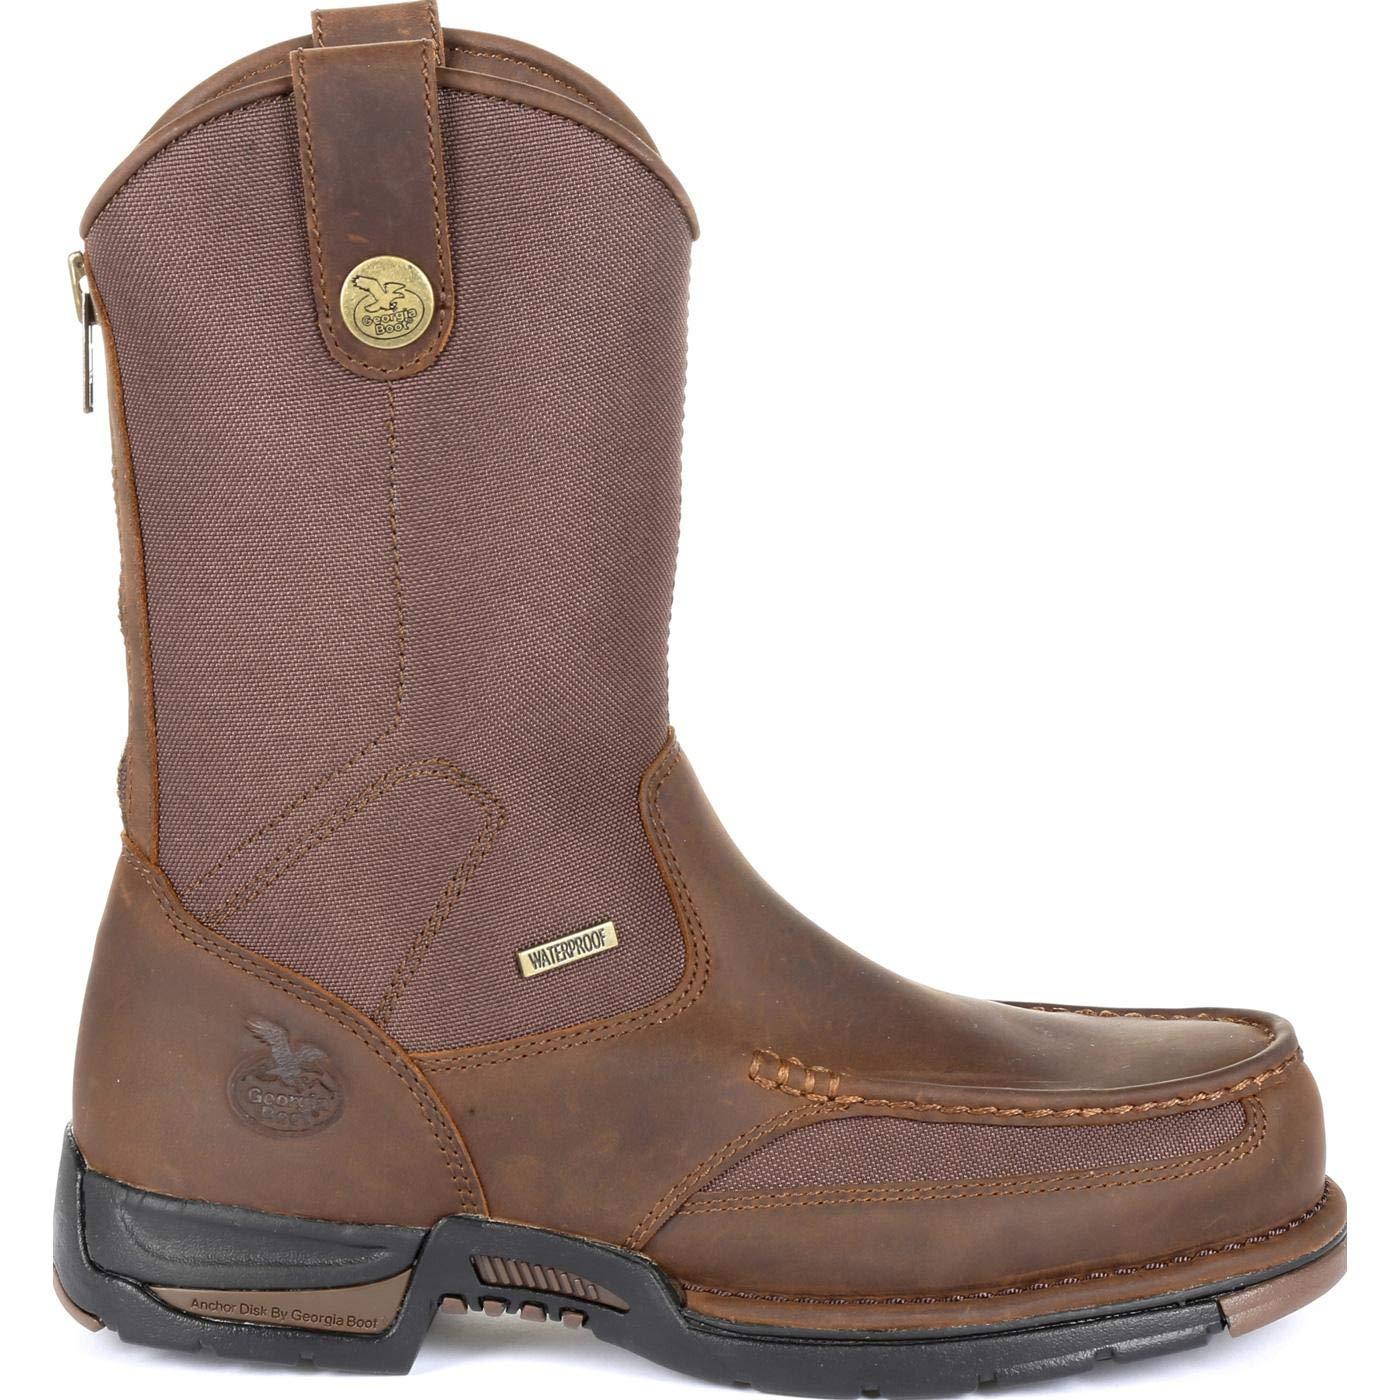 Georgia Mens Boot Athens Waterproof Western Work Moc Toe Brown 14 D